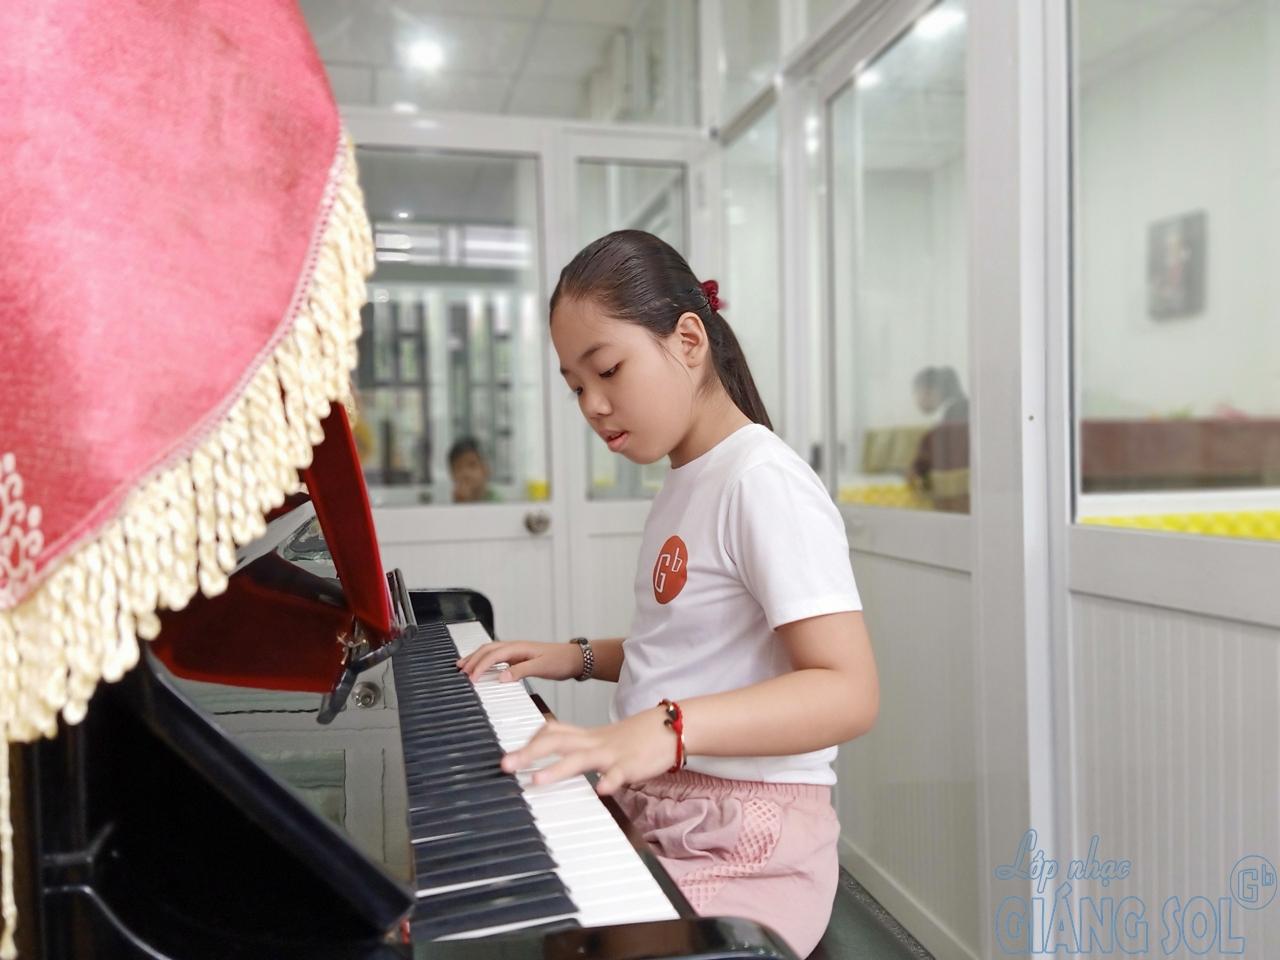 lớp dạy đàn piano quận 12, trung tâm âm nhạc giáng sol